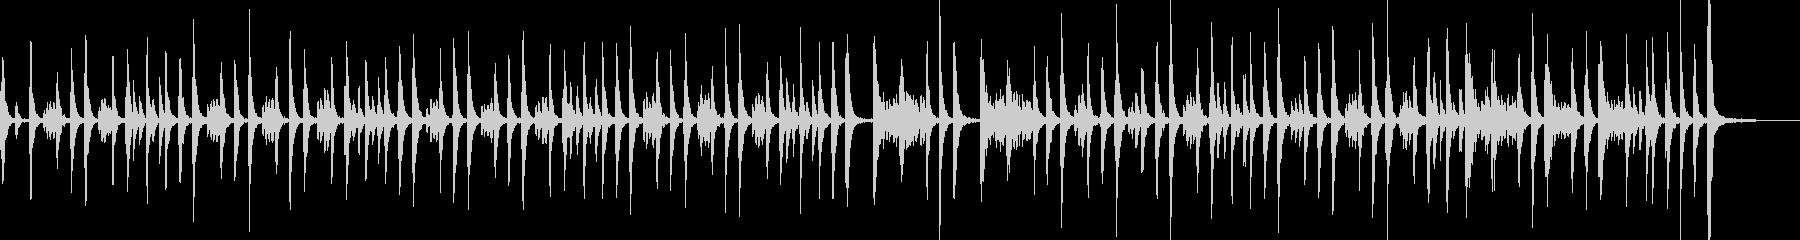 ドラム:マーチ、ロング、キック、スネアの未再生の波形